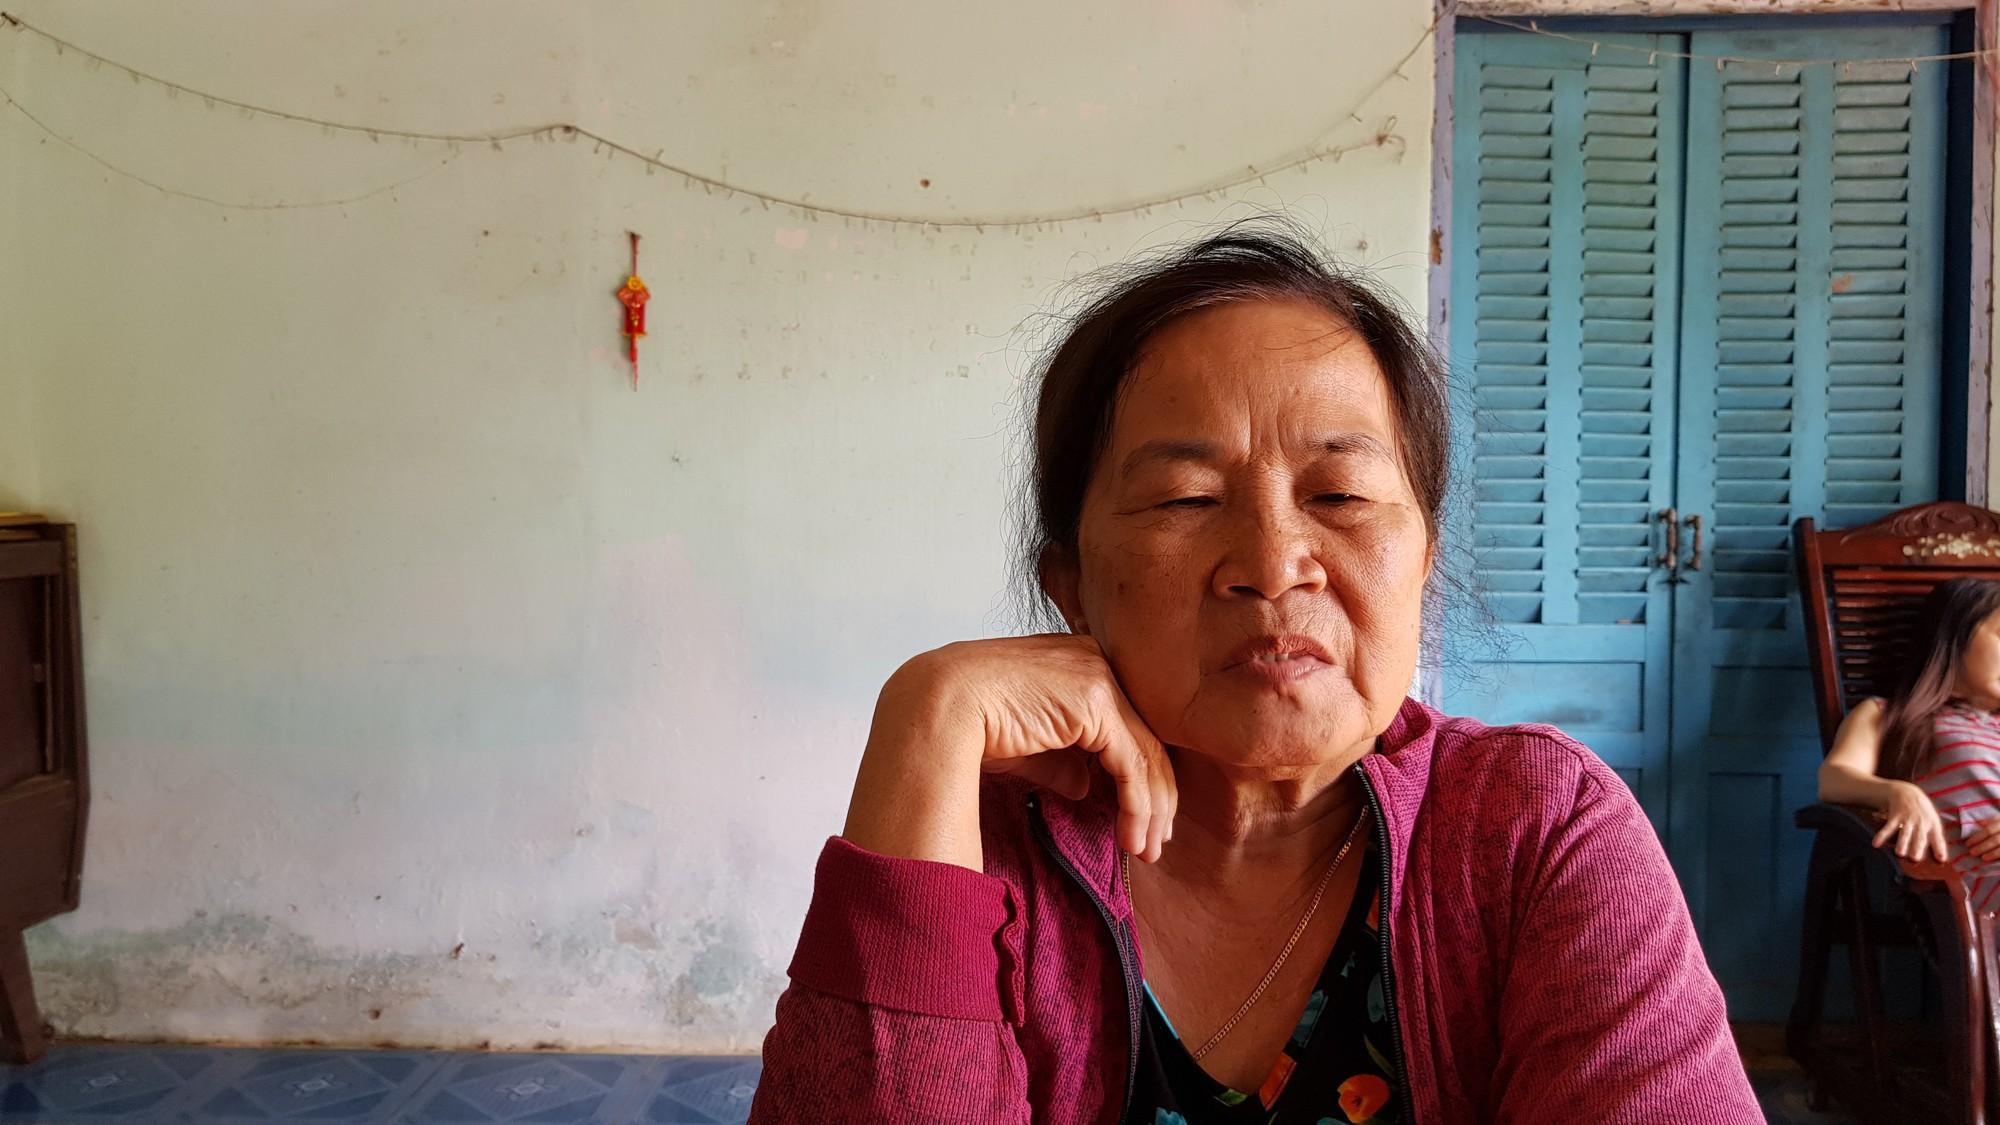 Vụ người phụ nữ 47 tuổi ở Sóc Trăng bị sát hại: Lời kể hãi hùng của người chị - Ảnh 1.